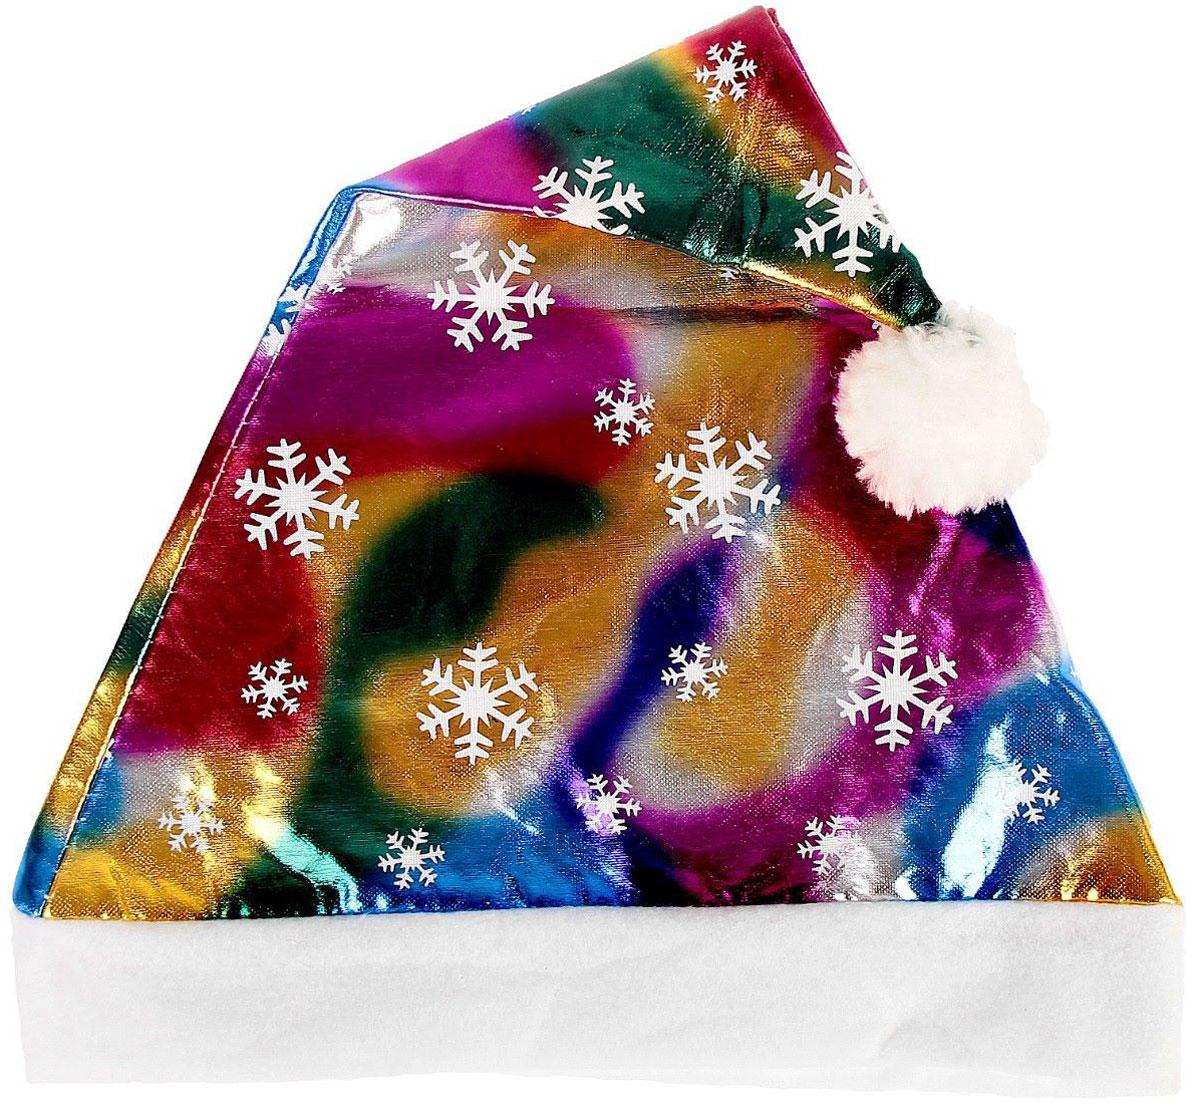 Колпак новогодний Мерцание. Радуга со снежинками, 27 х 40 см2363887Невозможно представить нашу жизнь без праздников! Мы всегда ждем их и предвкушаем, обдумываем, как проведем памятный день, тщательно выбираем подарки и аксессуары, ведь именно они создают и поддерживают торжественный настрой. Это отличный выбор, который привнесет атмосферу праздника в ваш дом!